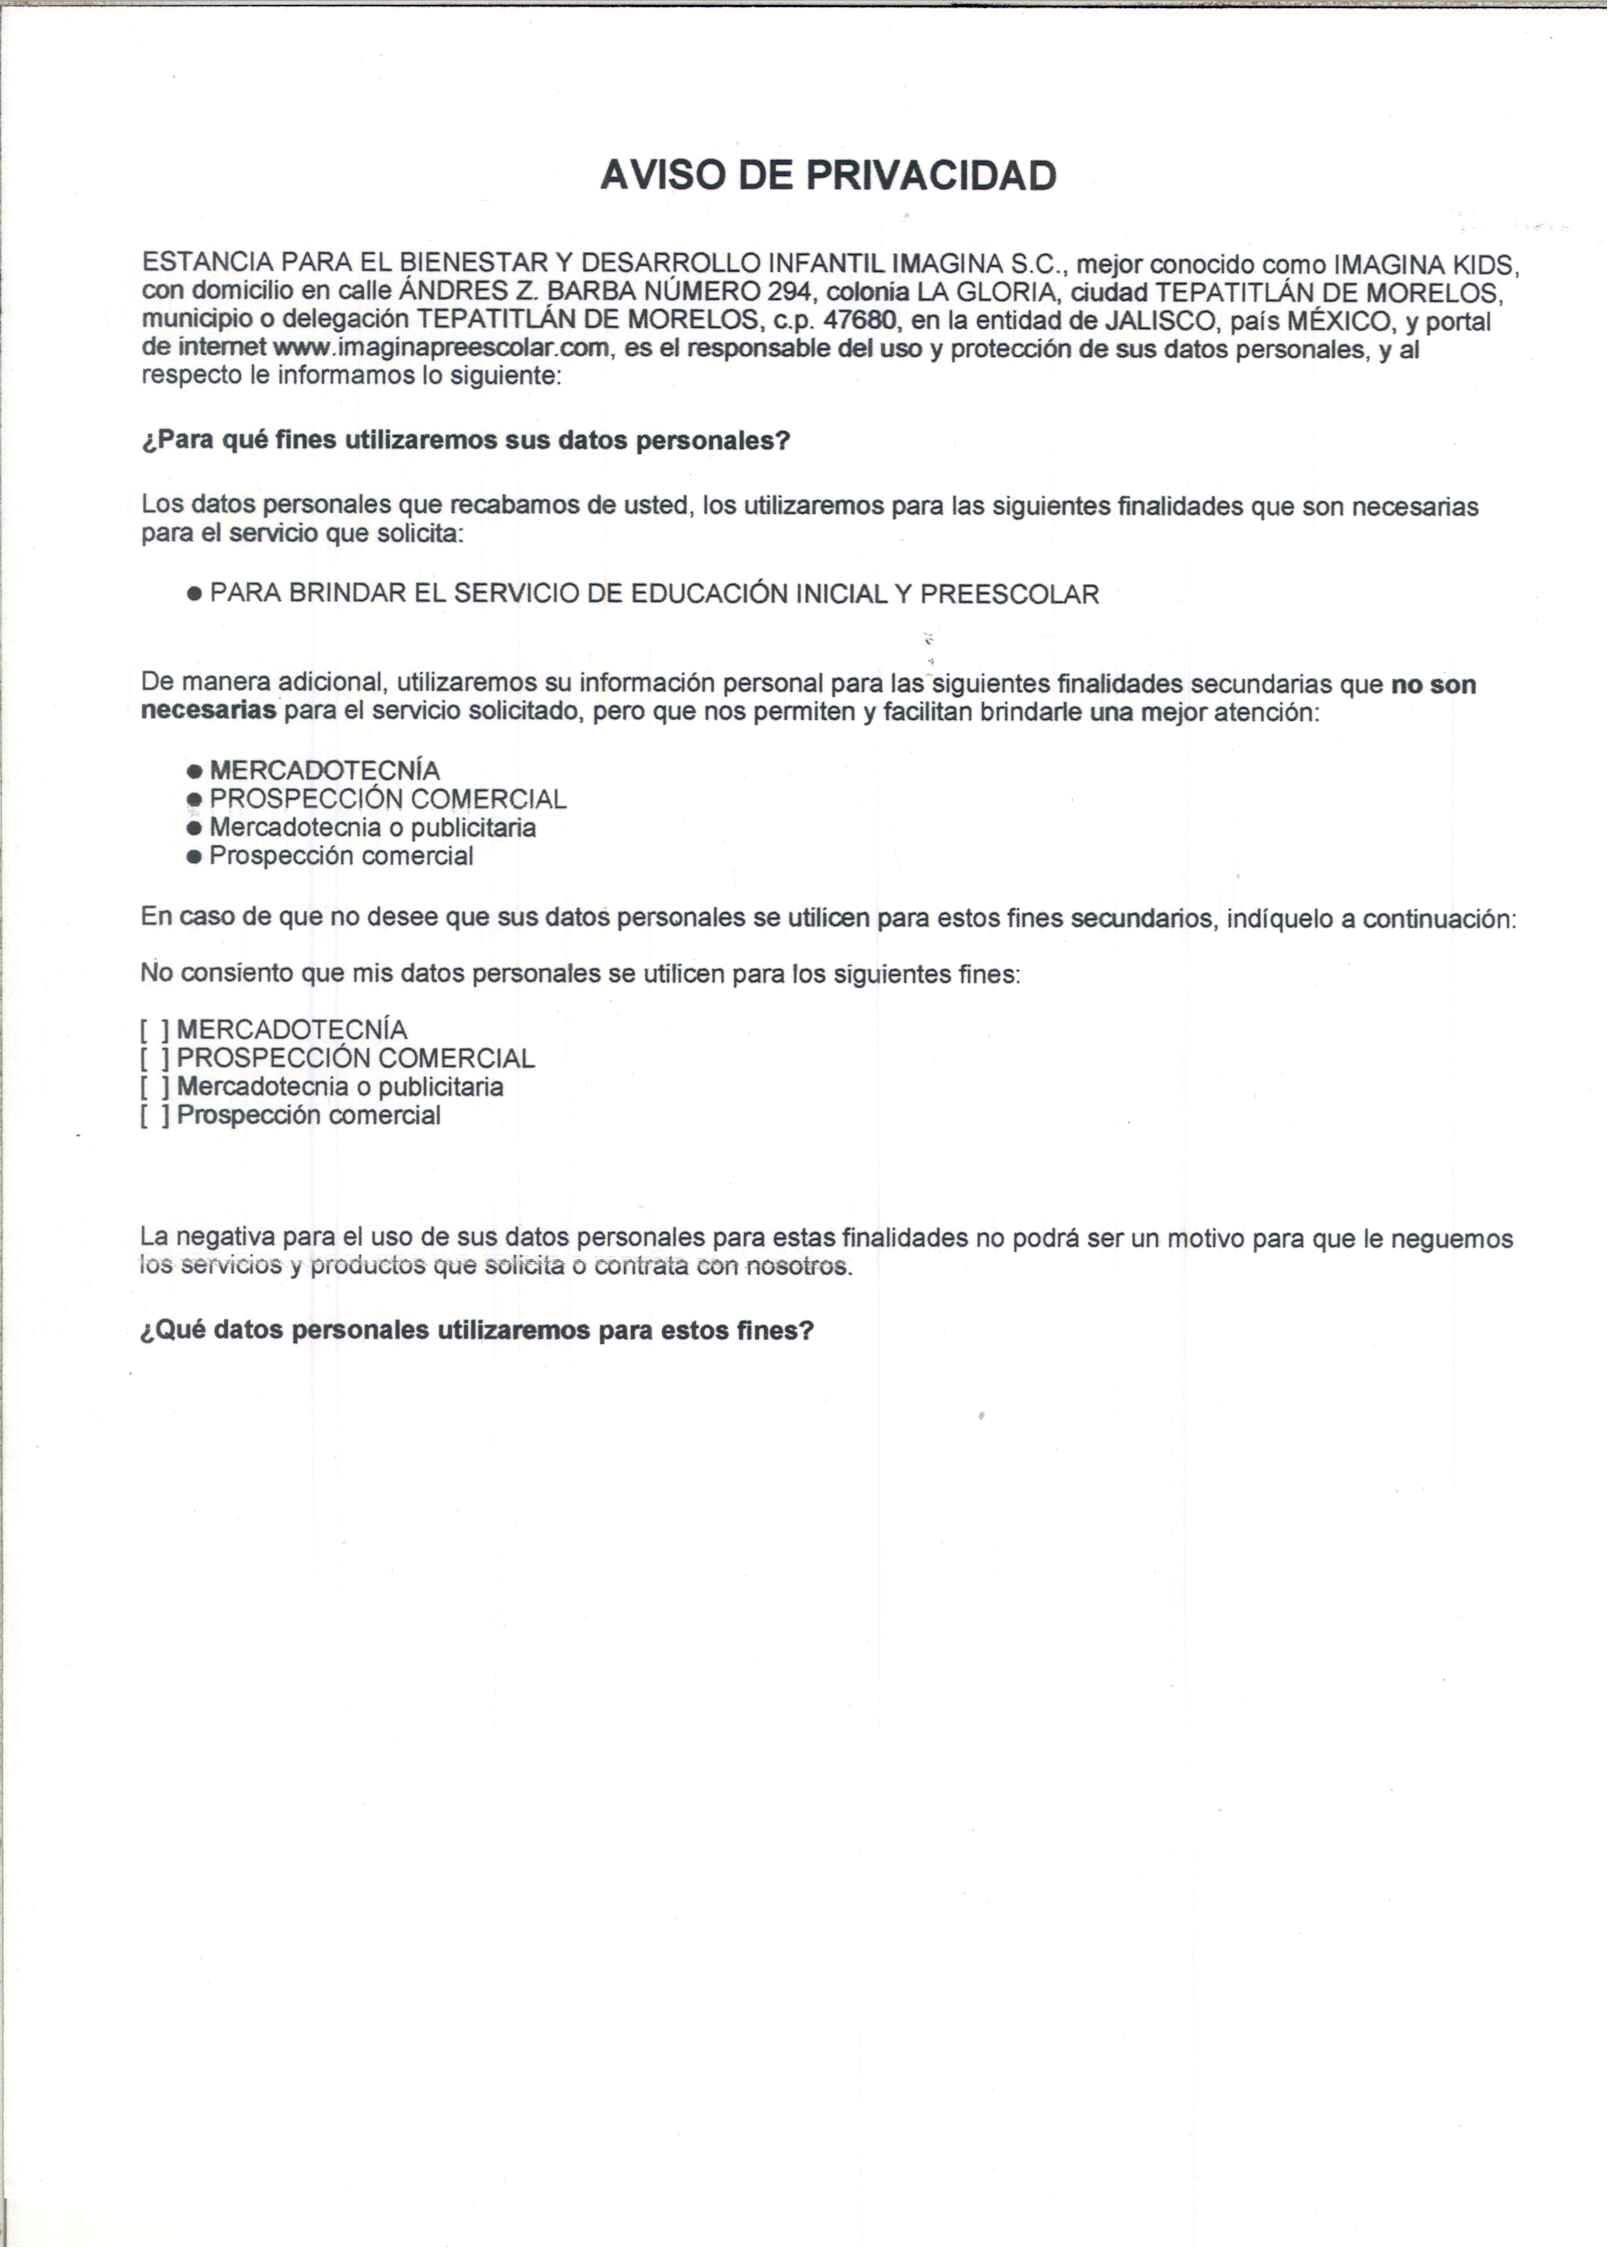 AVISO DE PRIVACIDAD (1)